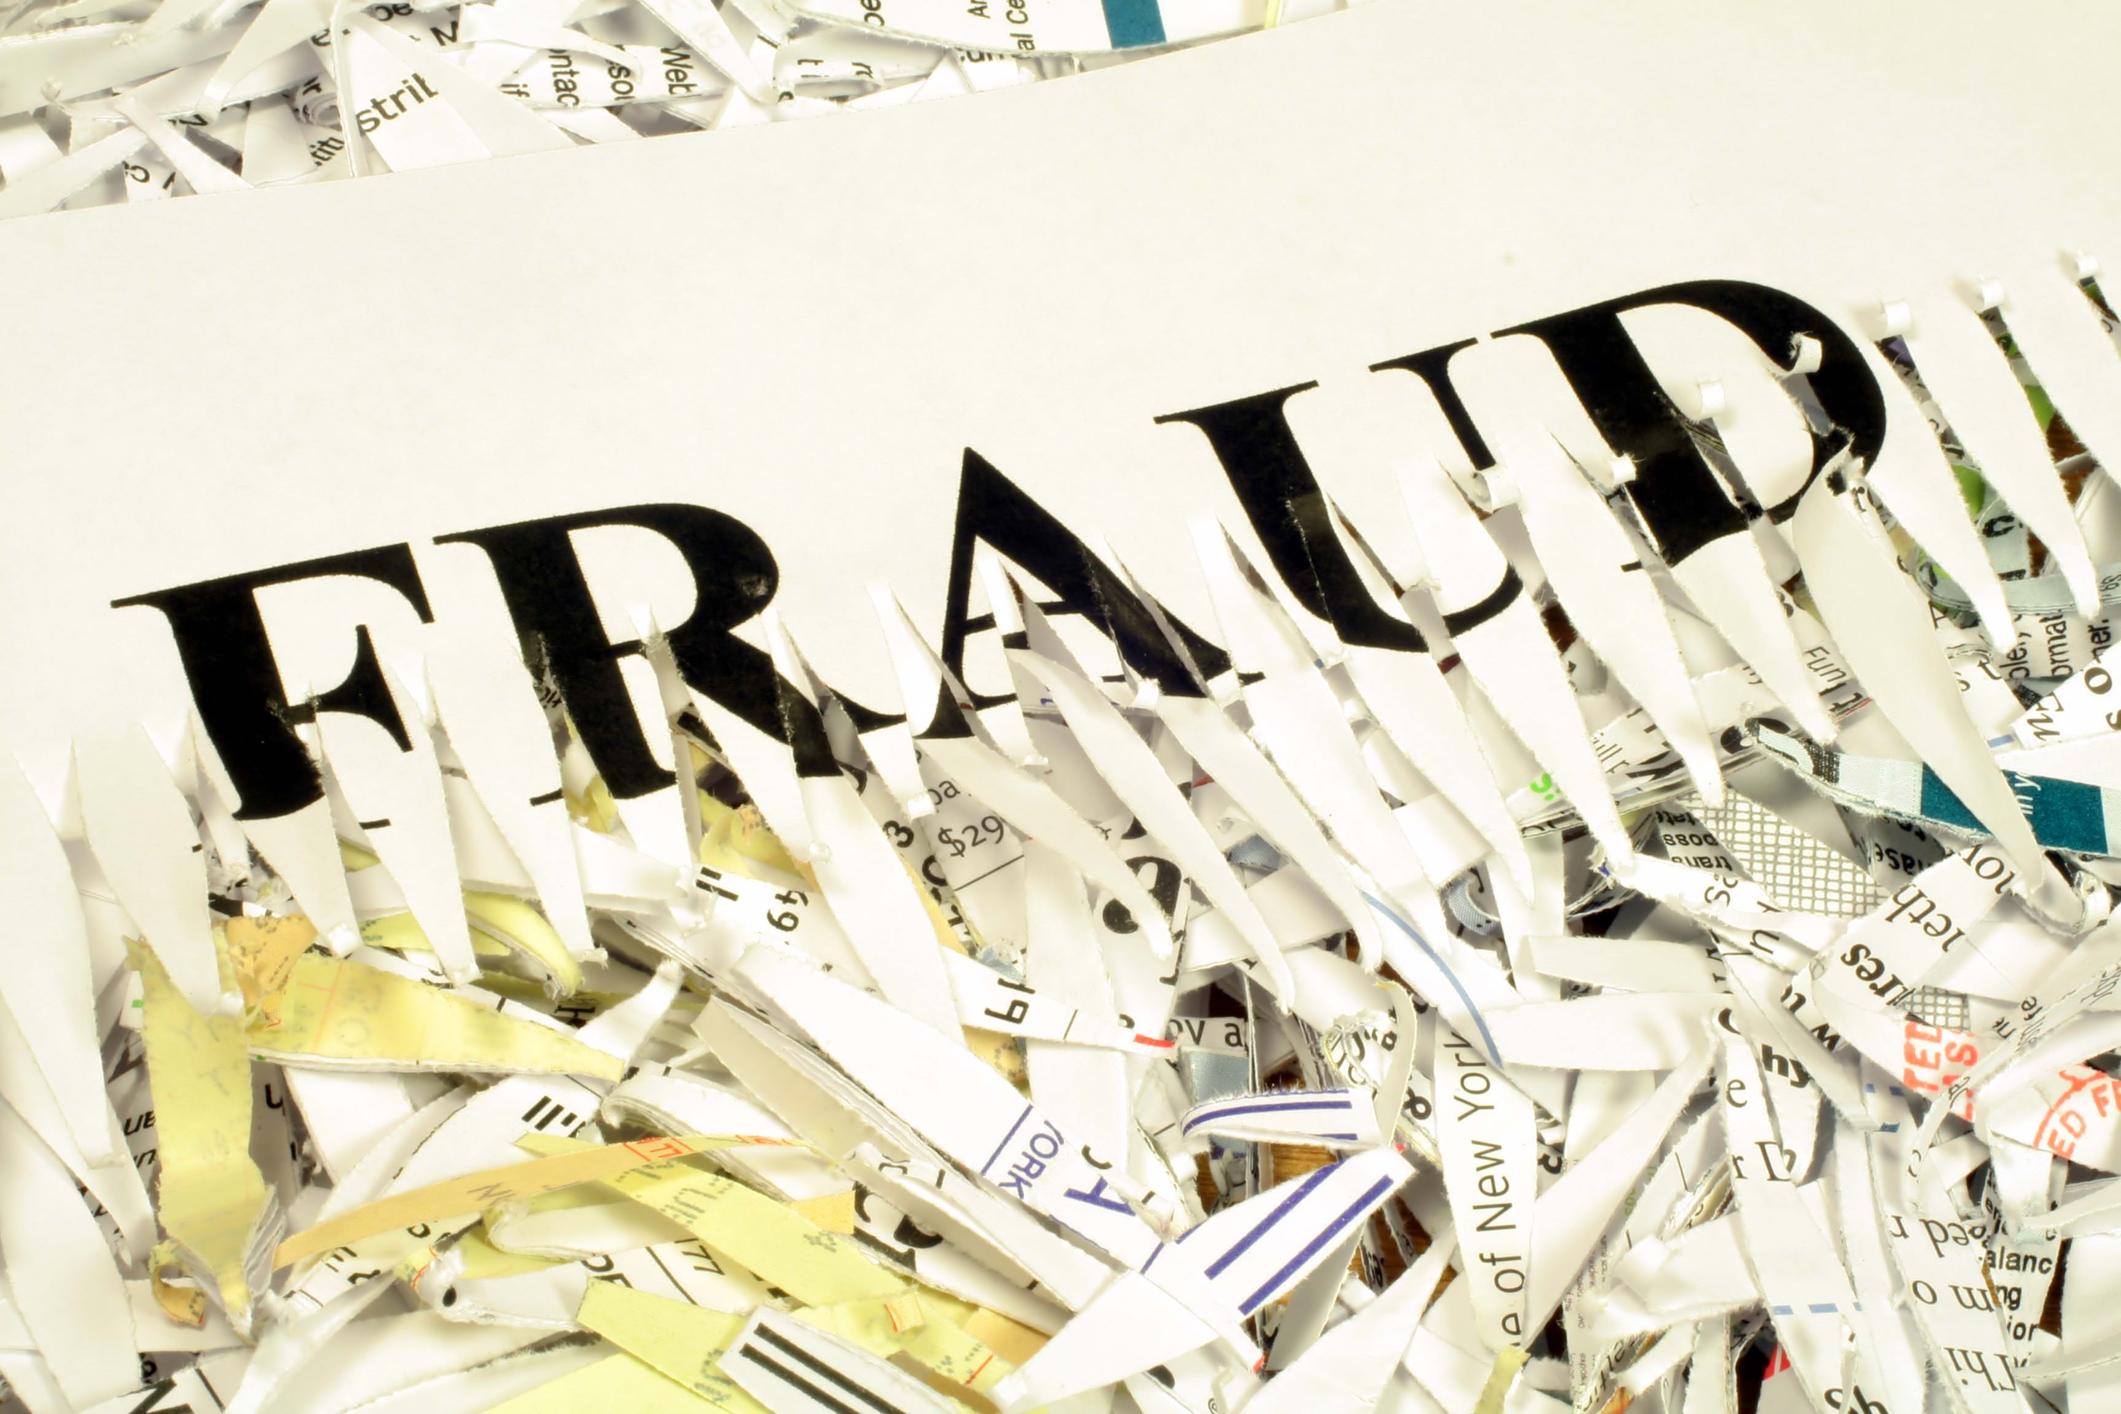 shredded-document-fraud-1535576